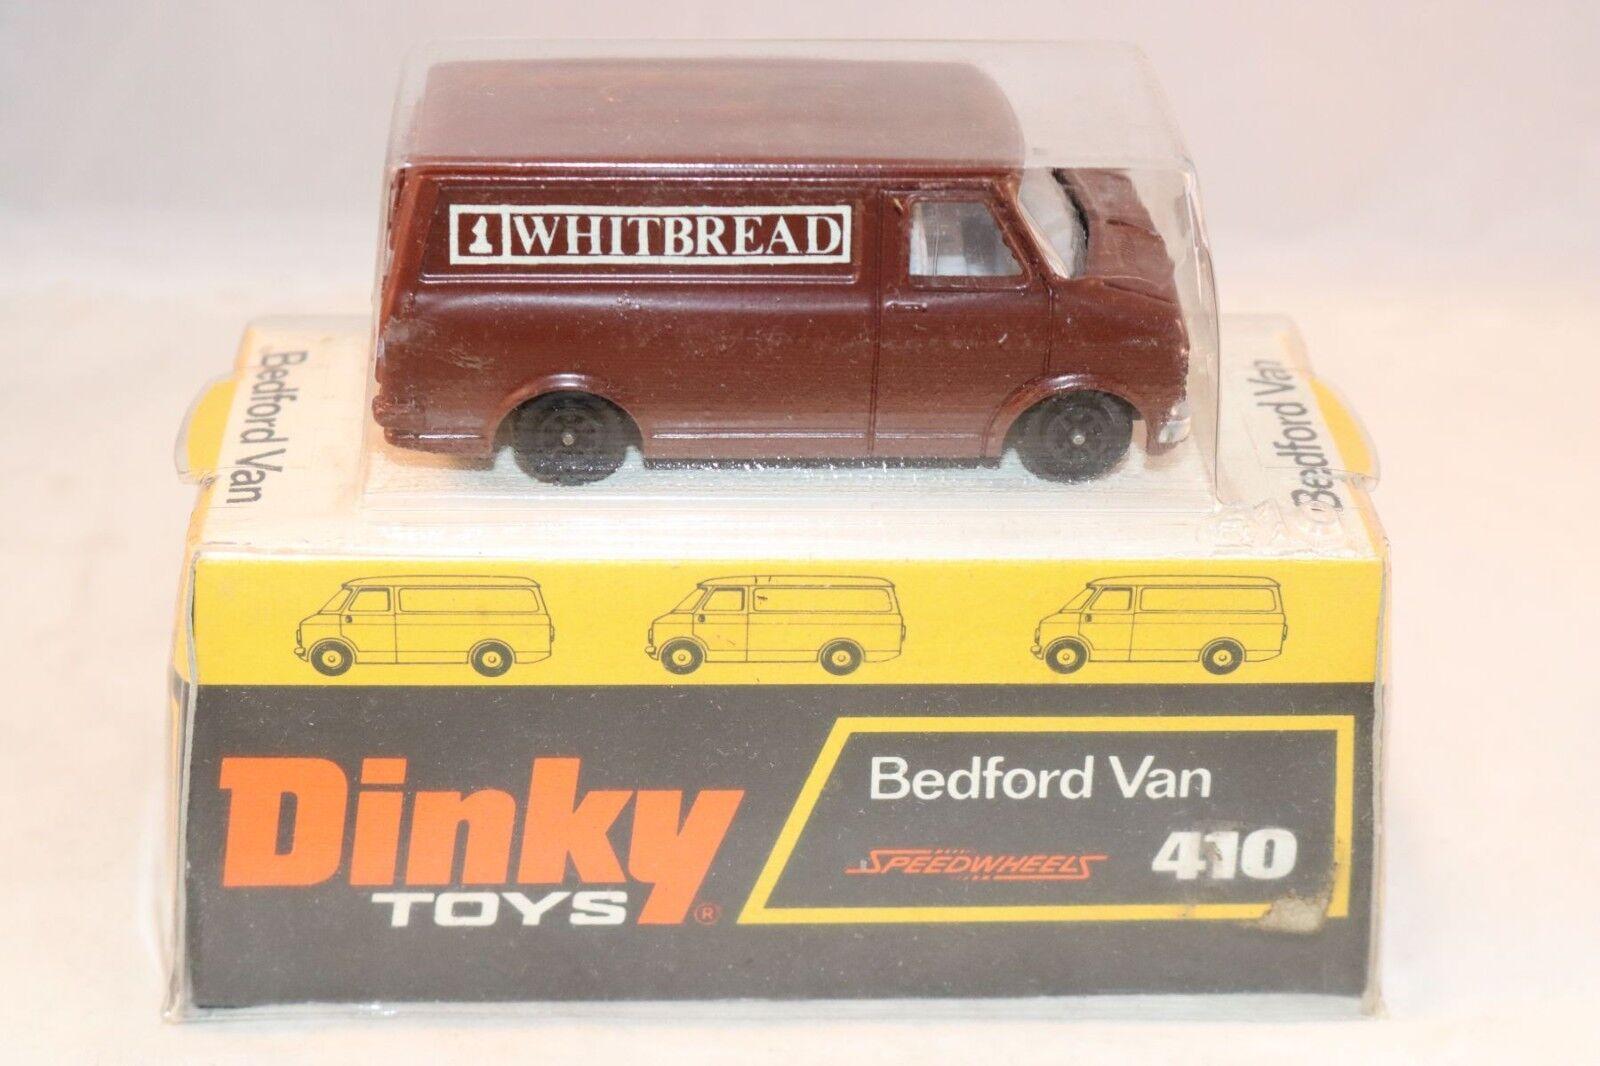 Dinky 410 Bedford Van biancabread Promotional very near mint in near mint box